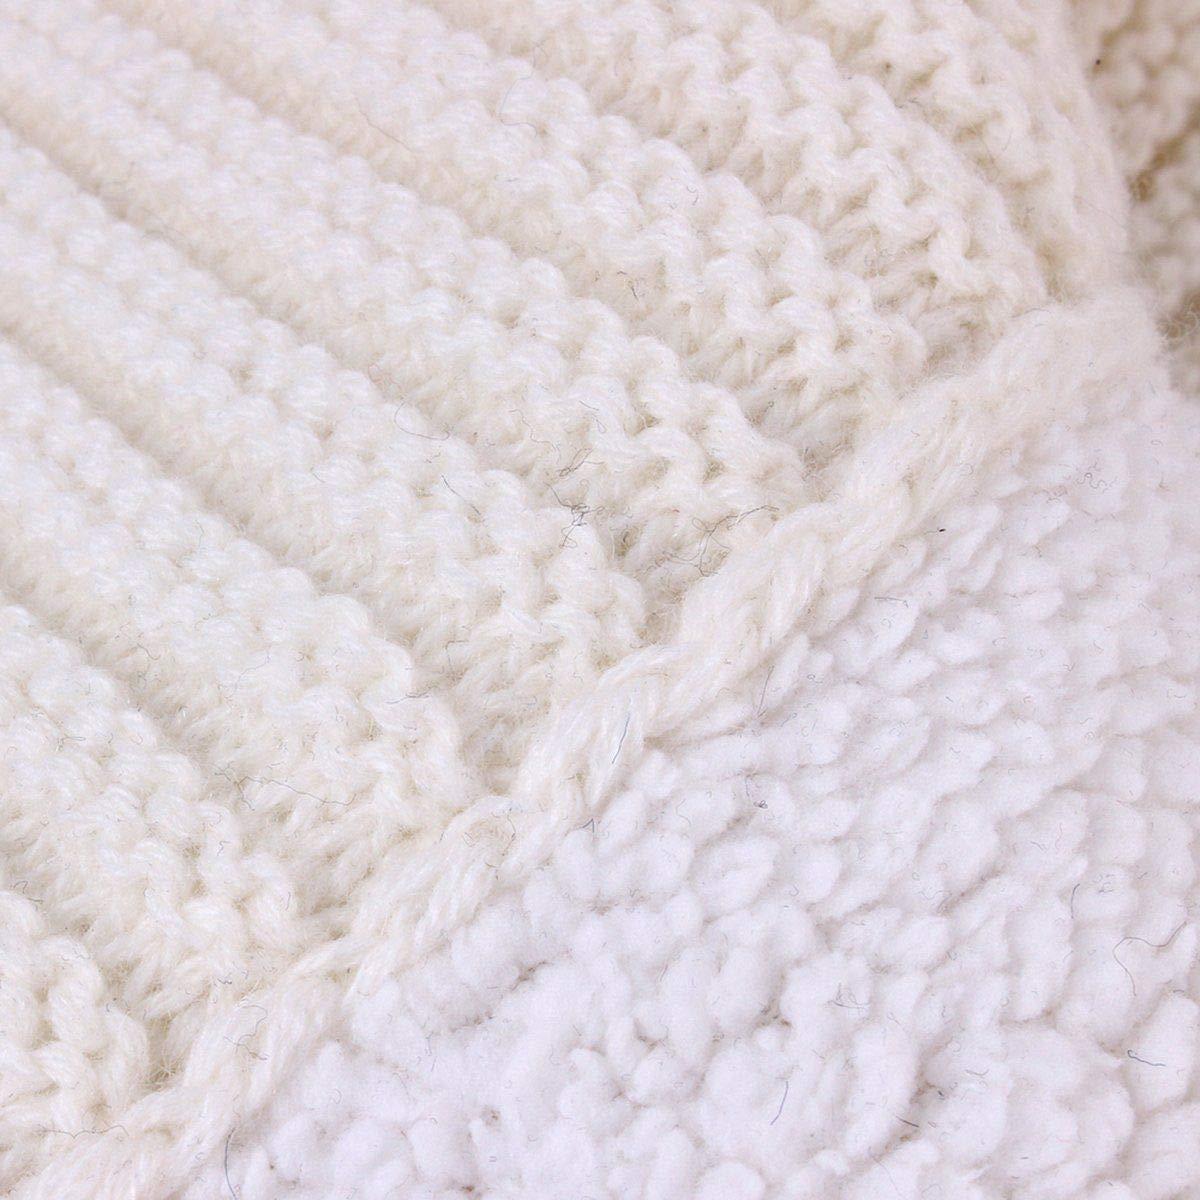 Sac de Couchage B/éb/é Fille Gar/çon Couvertures Demmaillotage Peluche Tricoter Double Couche Hiver Gigoteuses pour Poussette 0-24 Mois